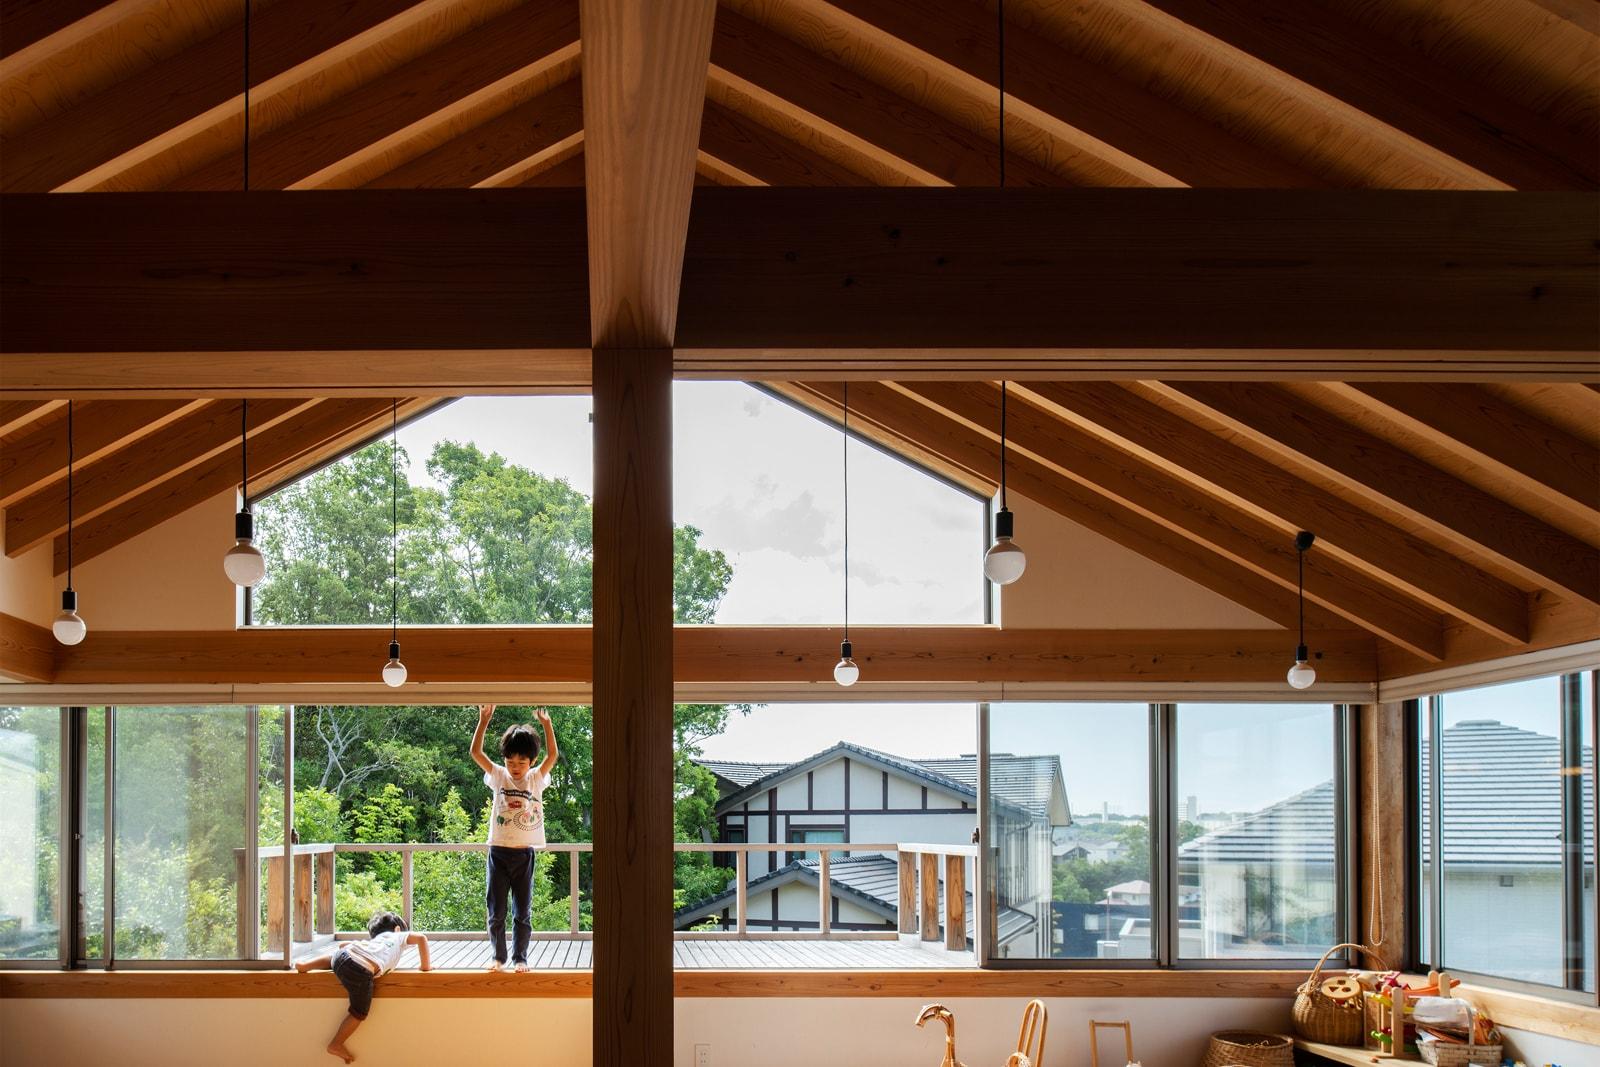 天井まで続く大開口を取り入れた大胆なデザインは、住宅性能が高いからこそ実現可能なもの